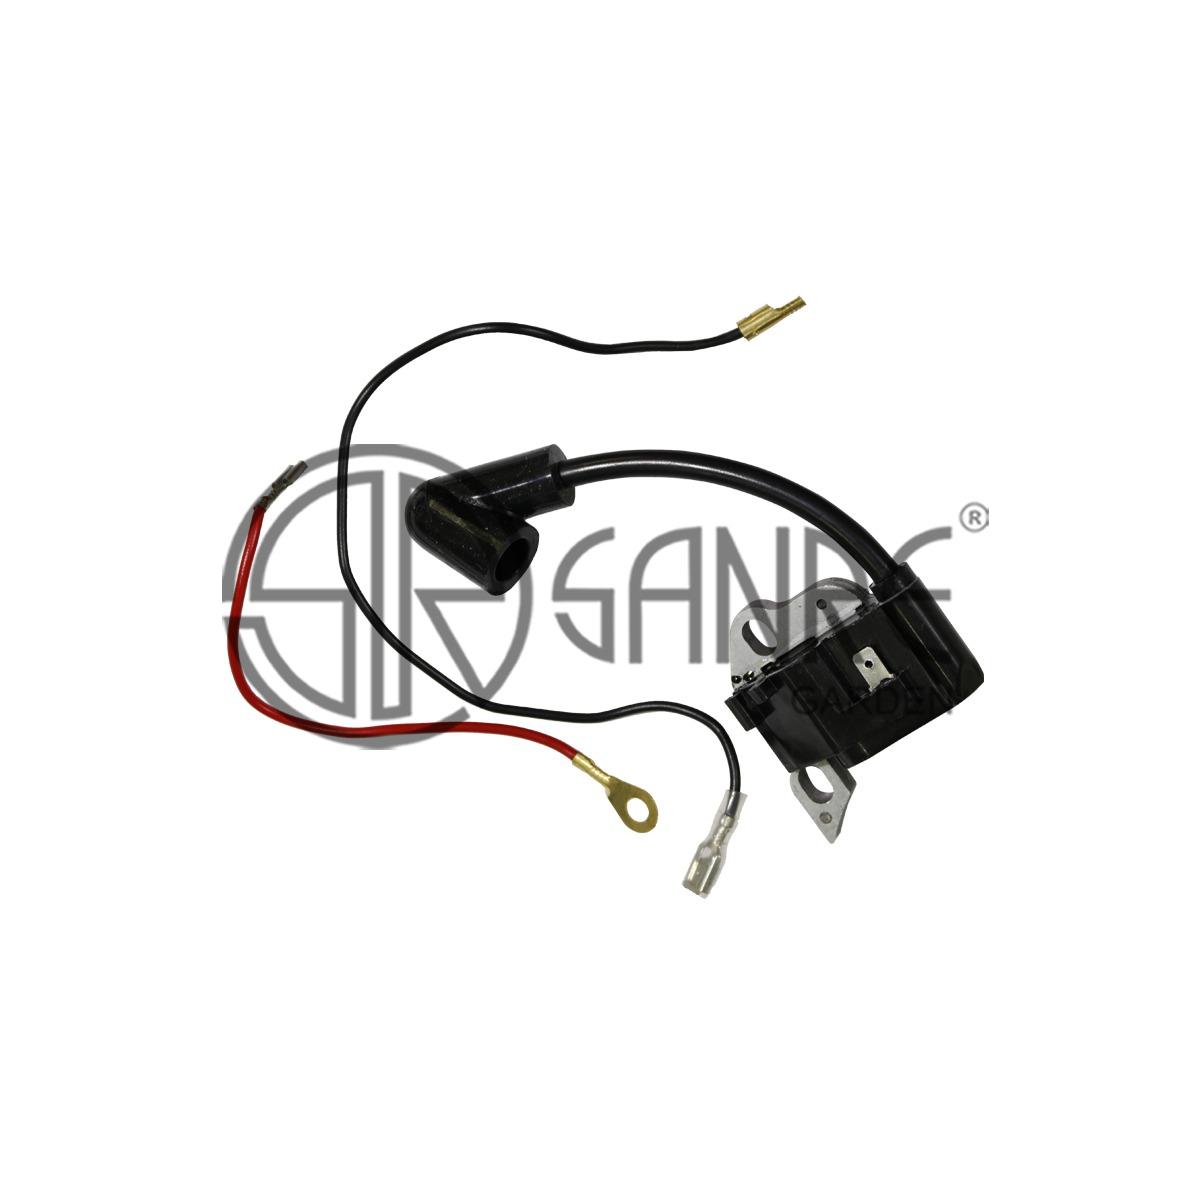 módulo ignição serve motosserra stihl 170 180-700000123 0019. Carregando  zoom. 2193f97703